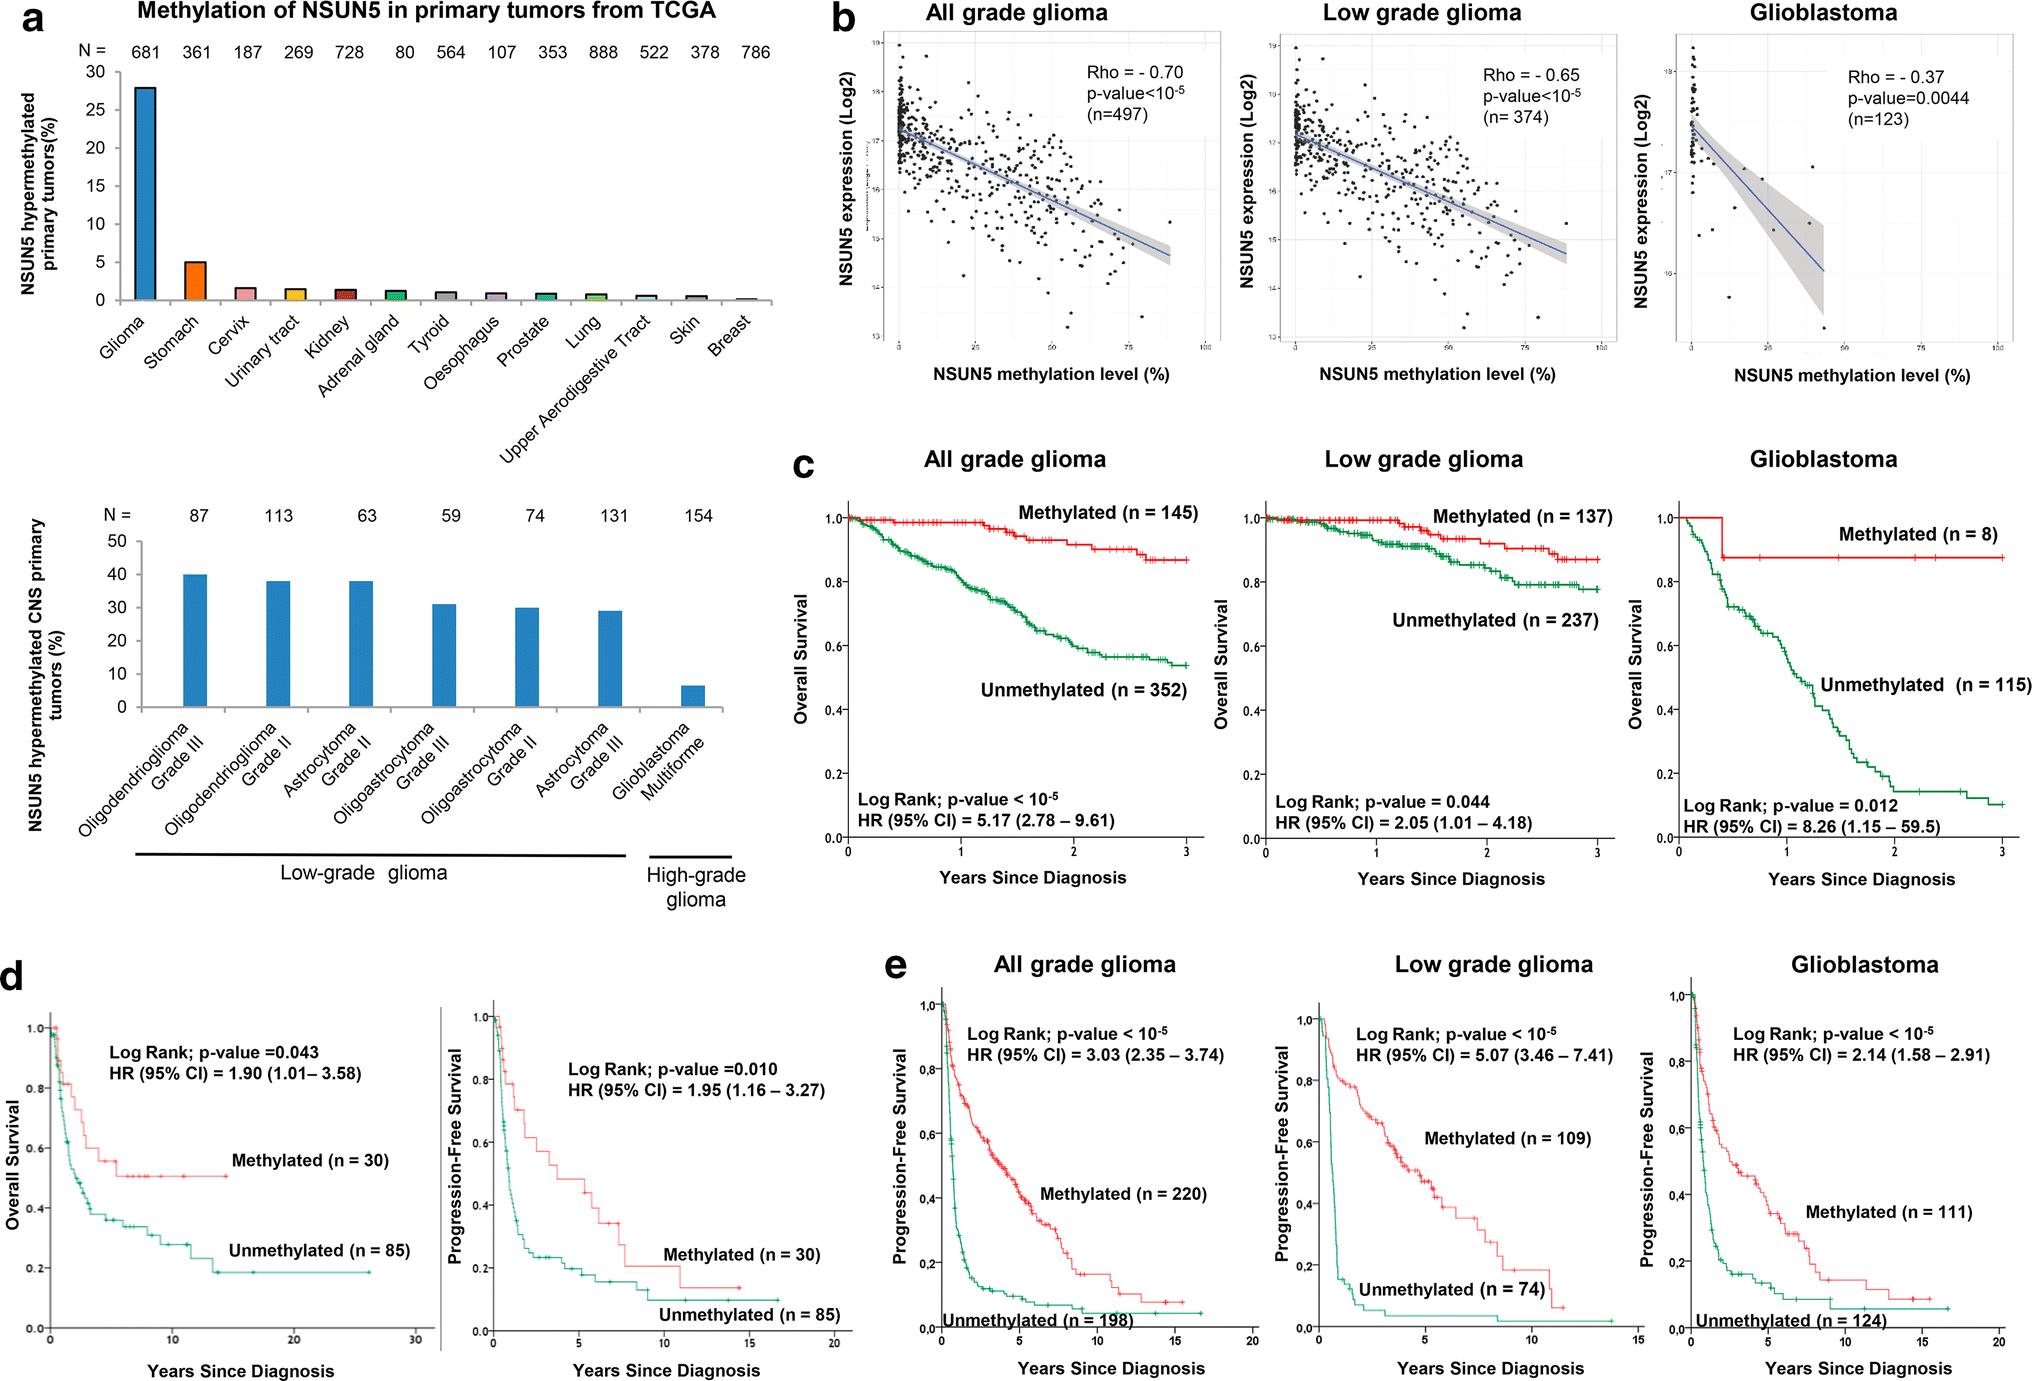 Epigenetic loss of RNA-methyltransferase NSUN5 in glioma